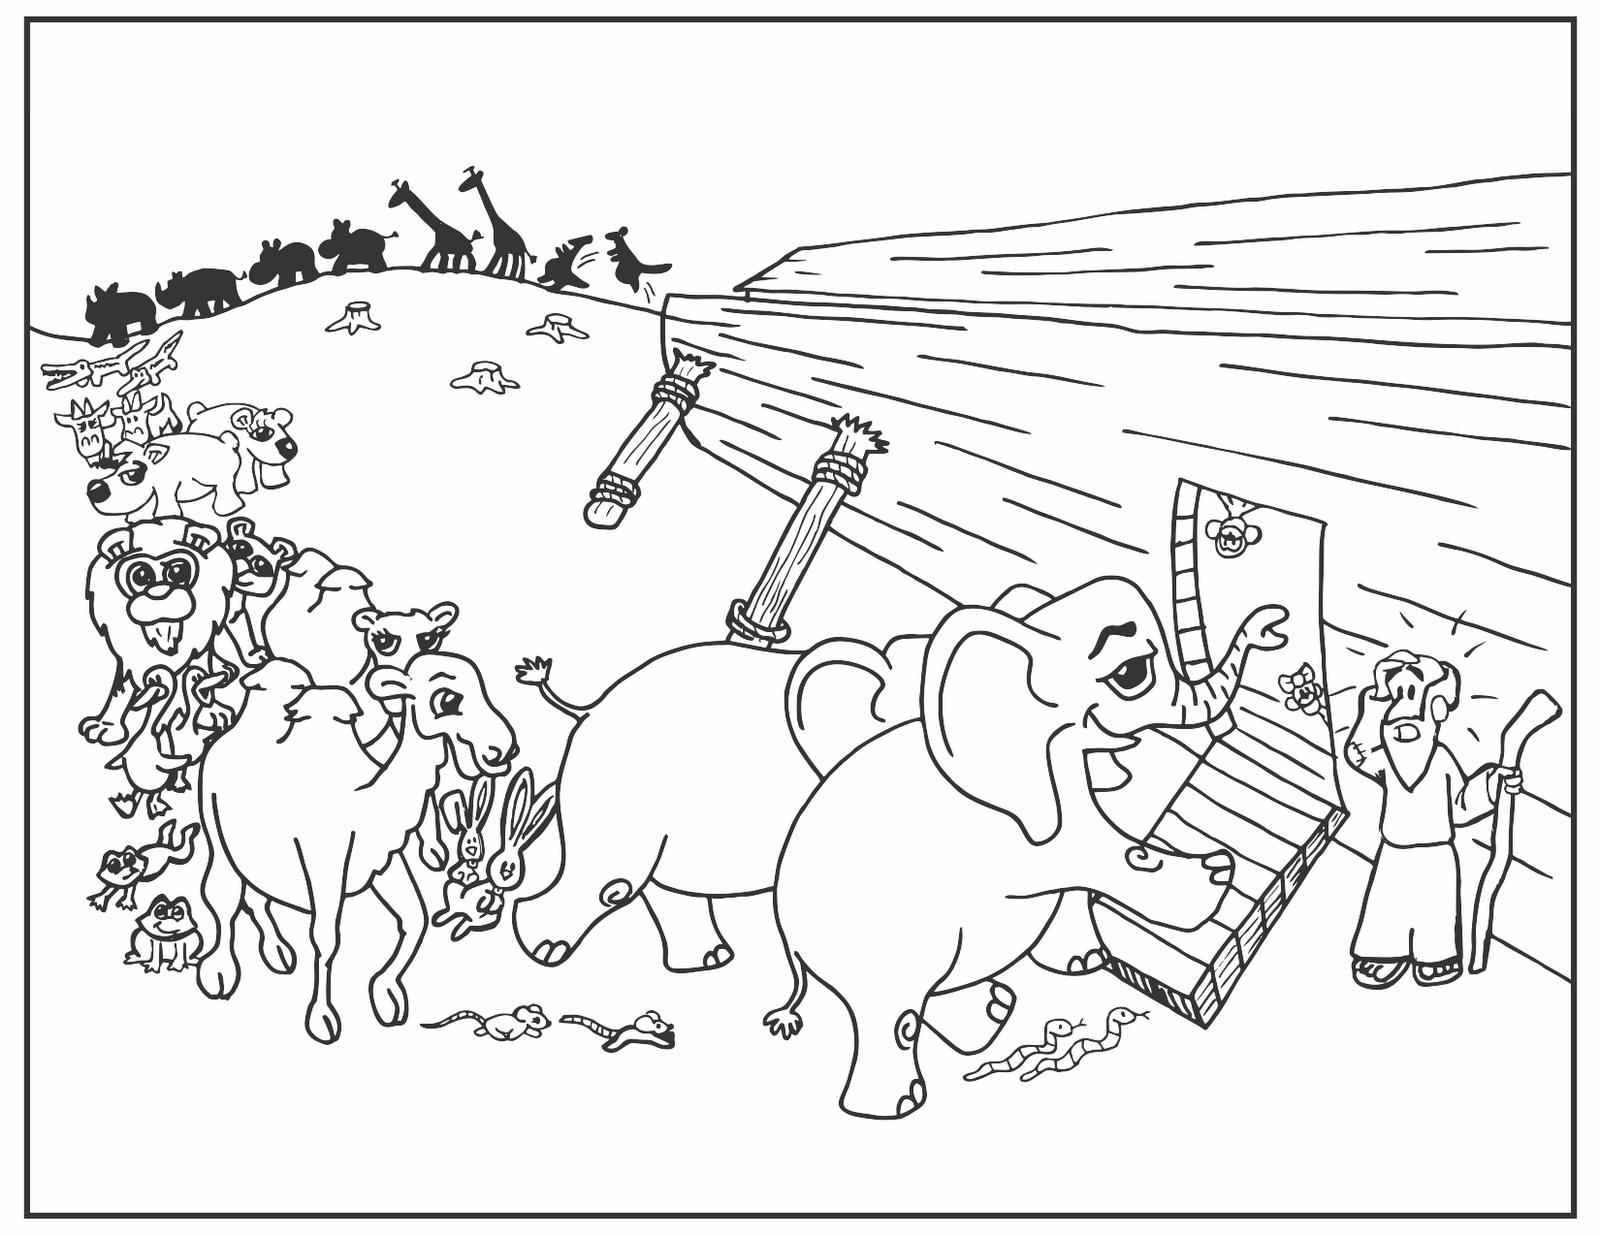 noah ark coloring pages coloringtopcom - Noahs Ark Coloring Page